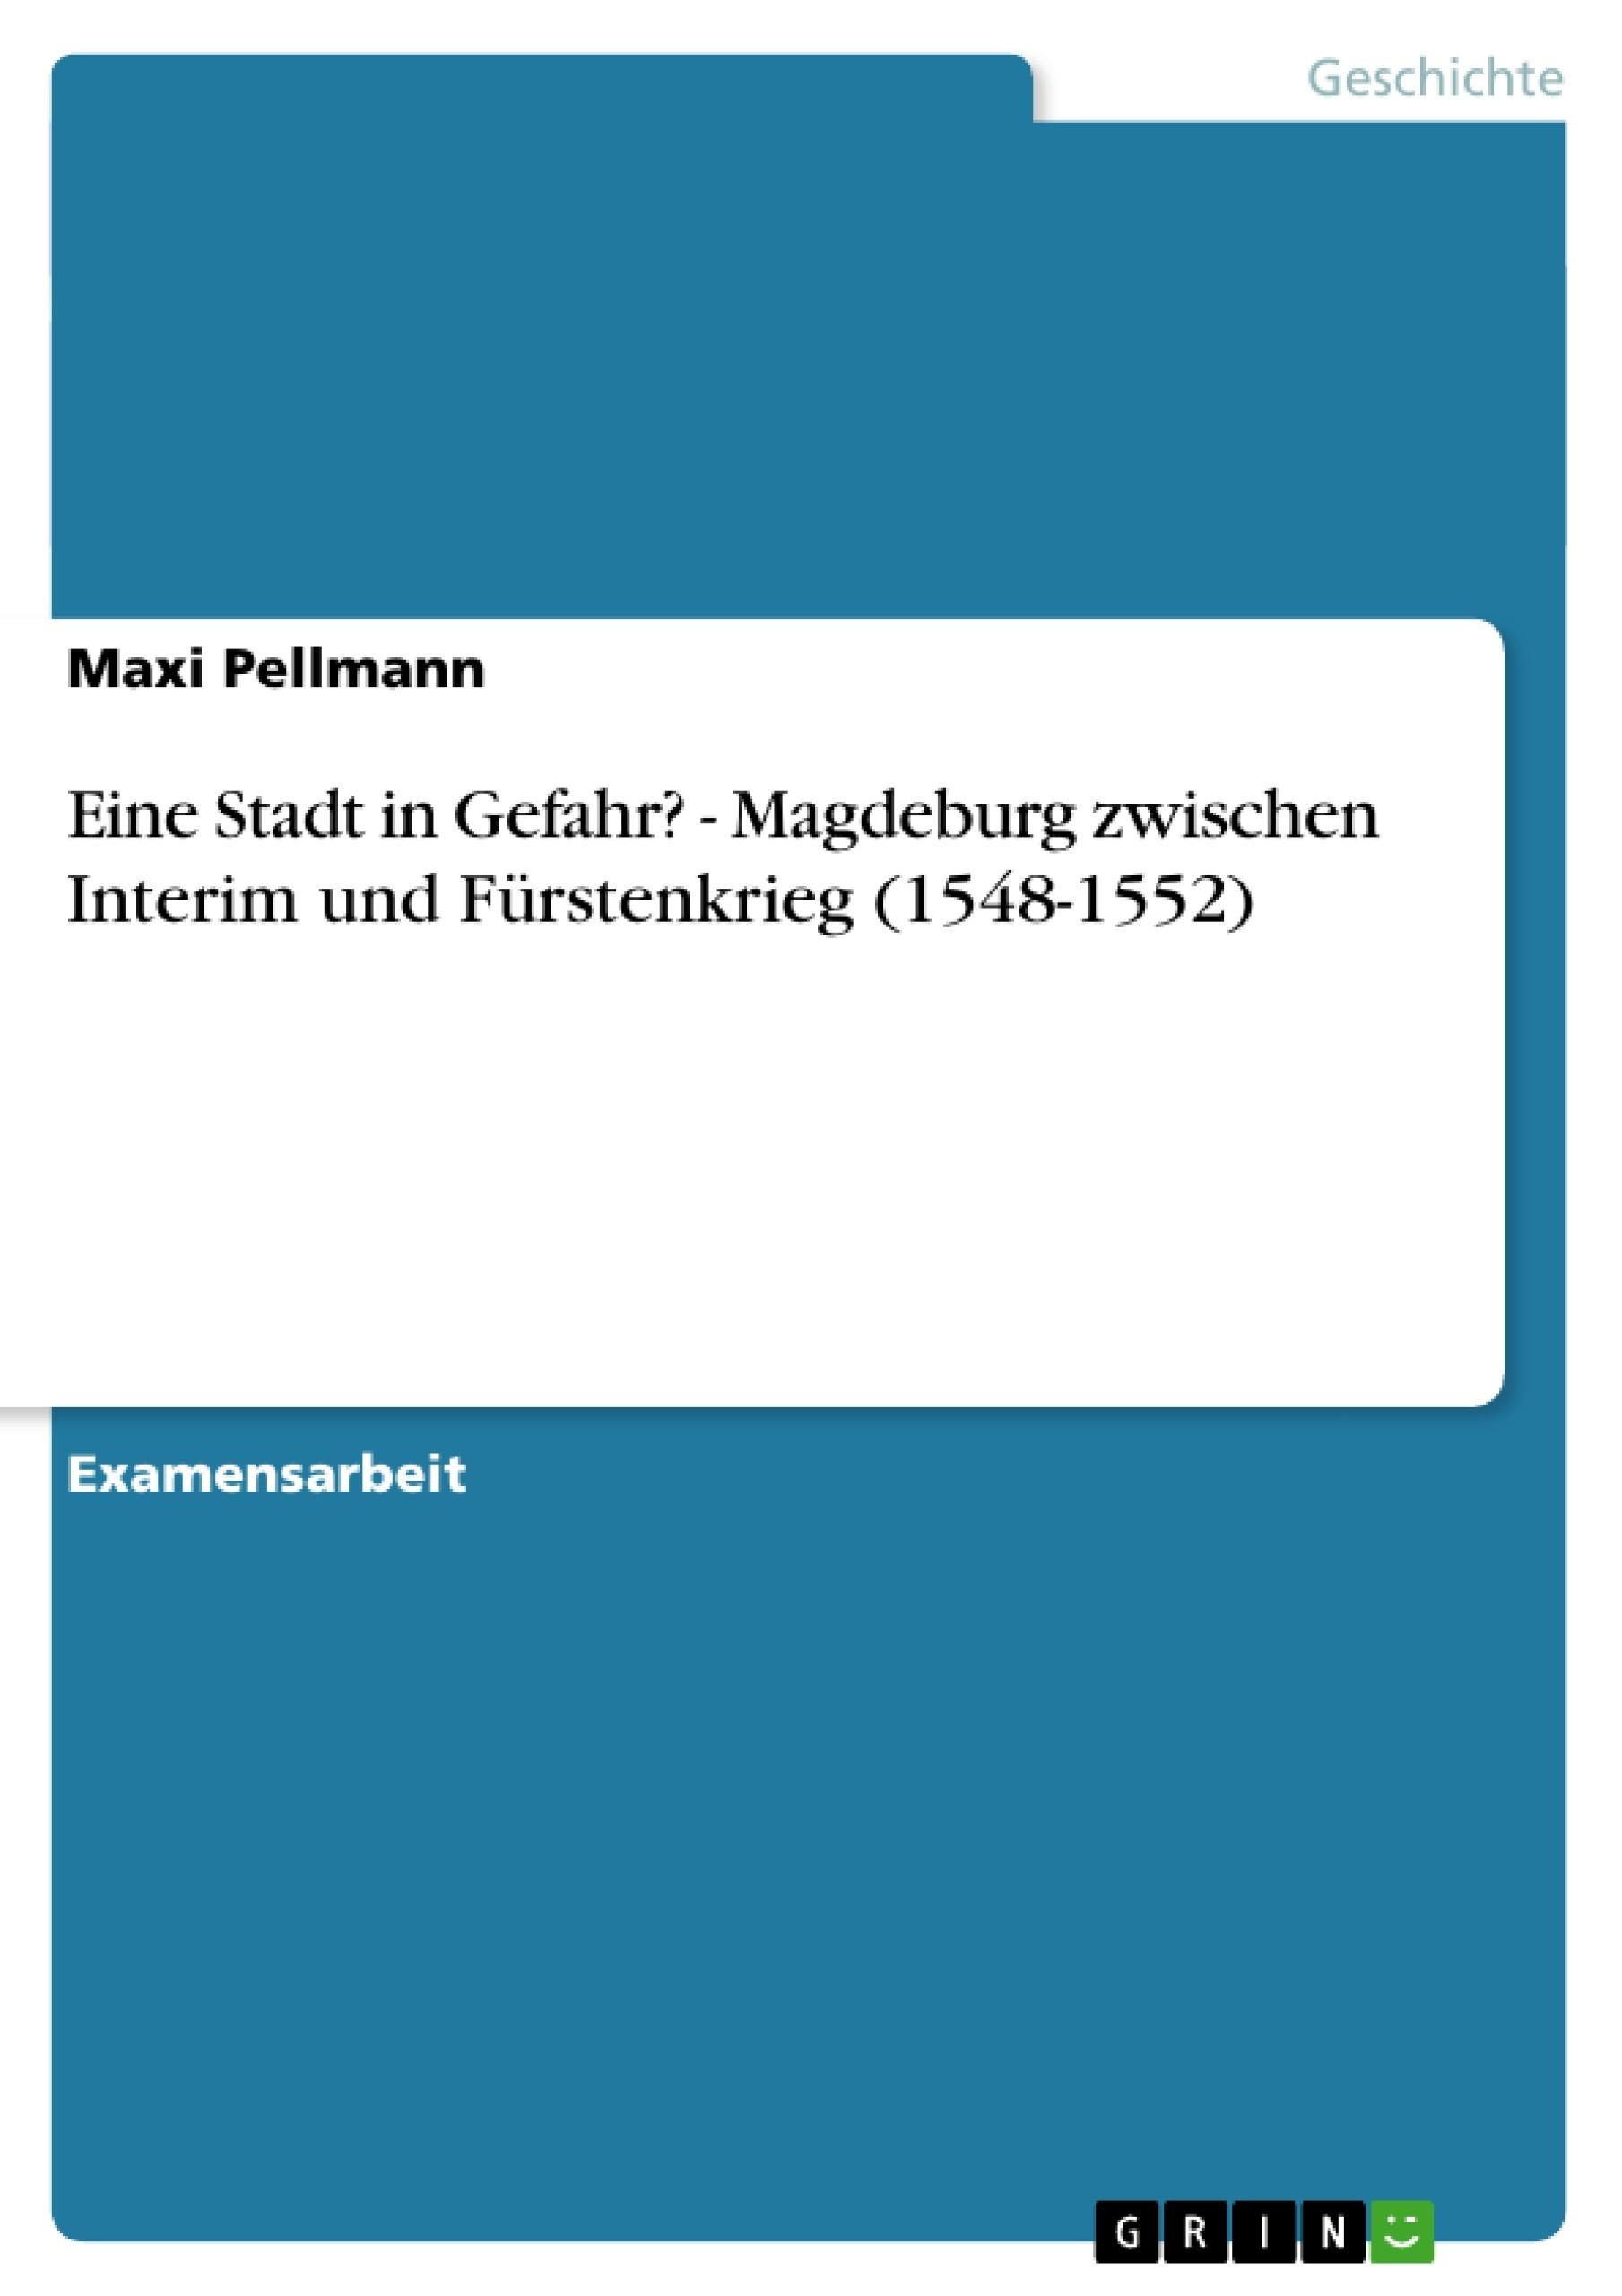 Titel: Eine Stadt in Gefahr? - Magdeburg zwischen Interim und Fürstenkrieg (1548-1552)